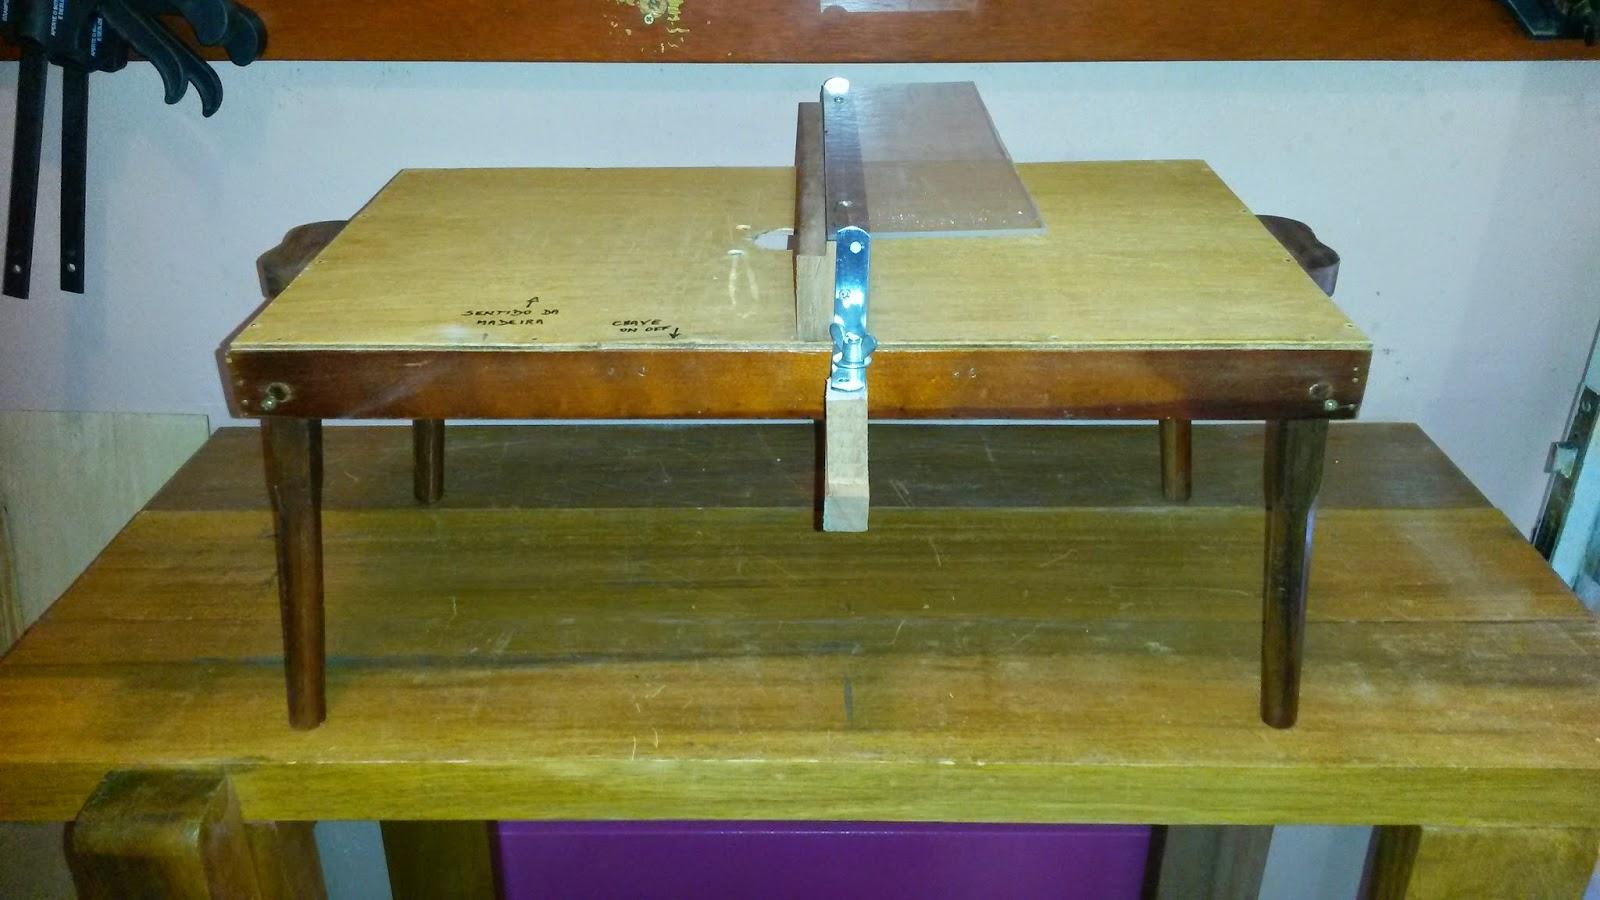 Oficina do Quintal: Como fazer uma bancada para tupia Parte III #674613 1600x900